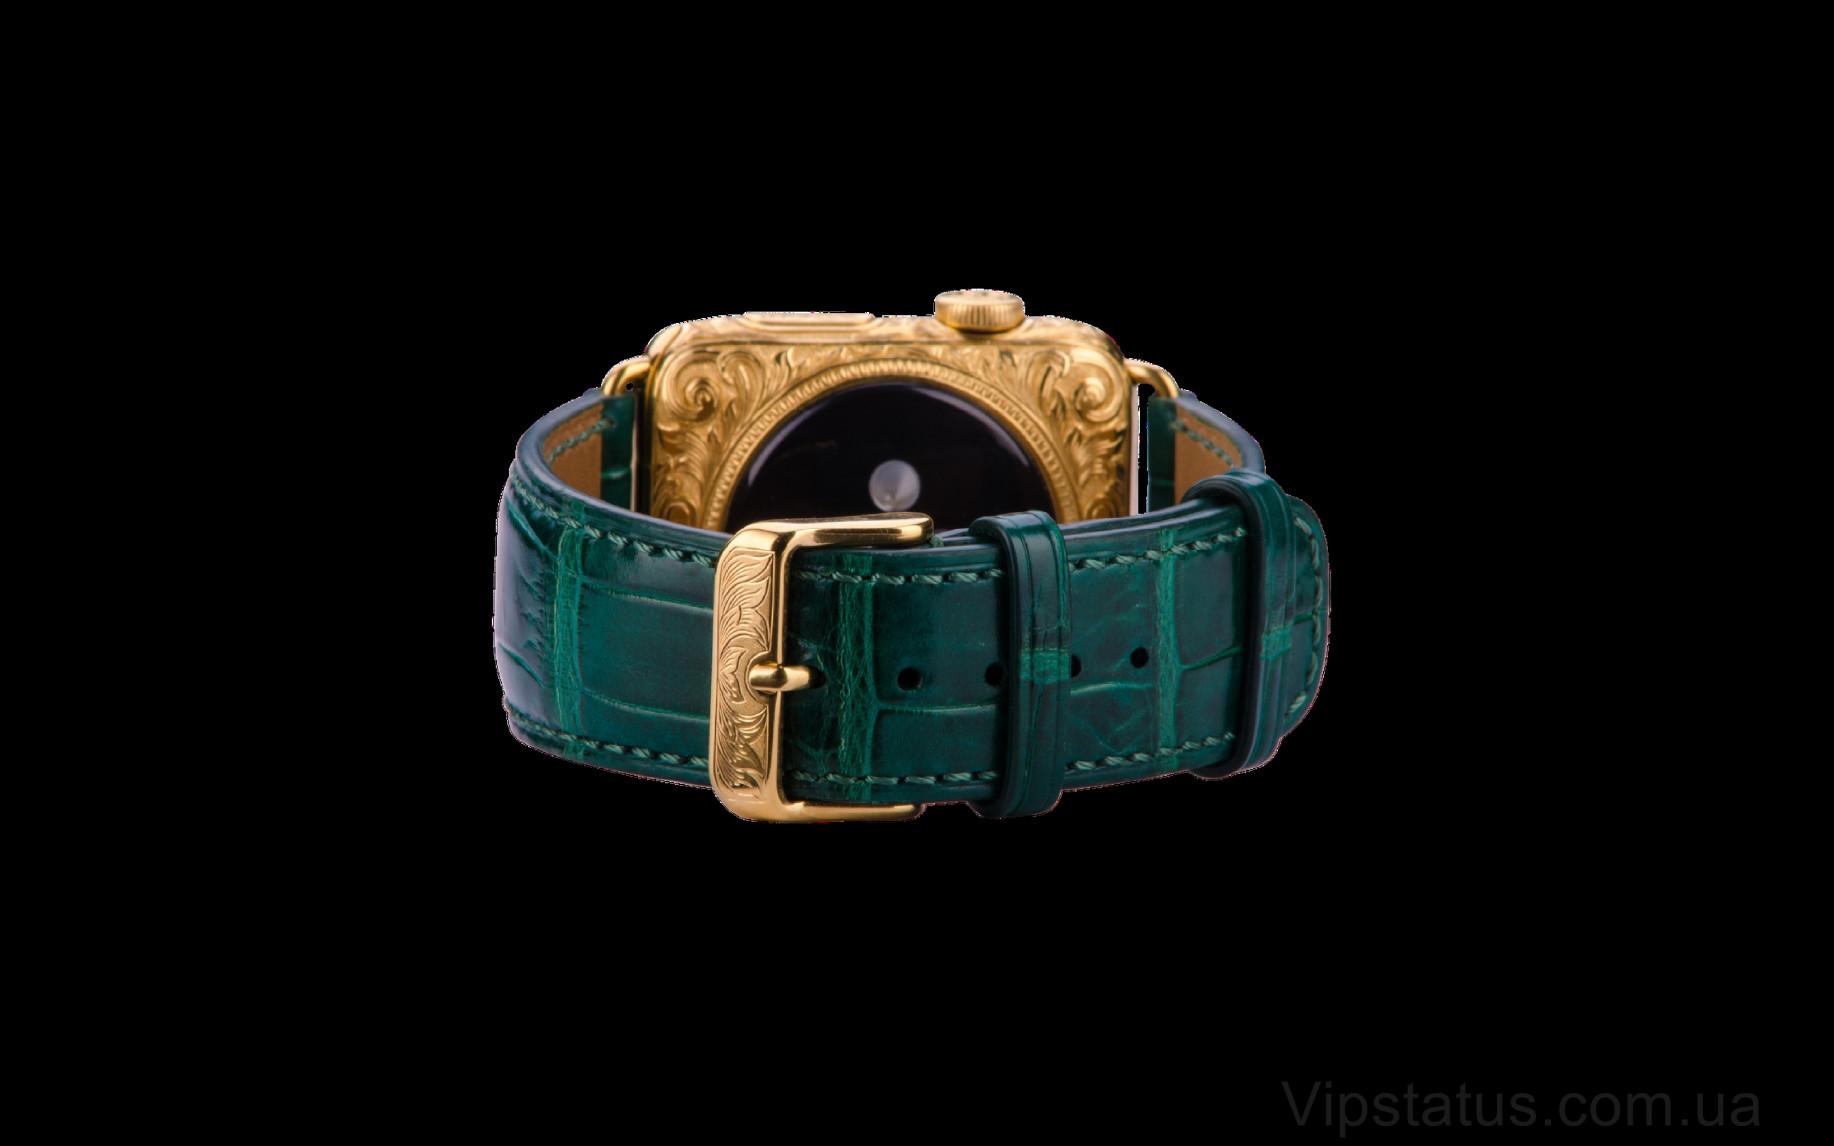 Elite Emerald Crocodile Strap Emerald Crocodile Strap image 1